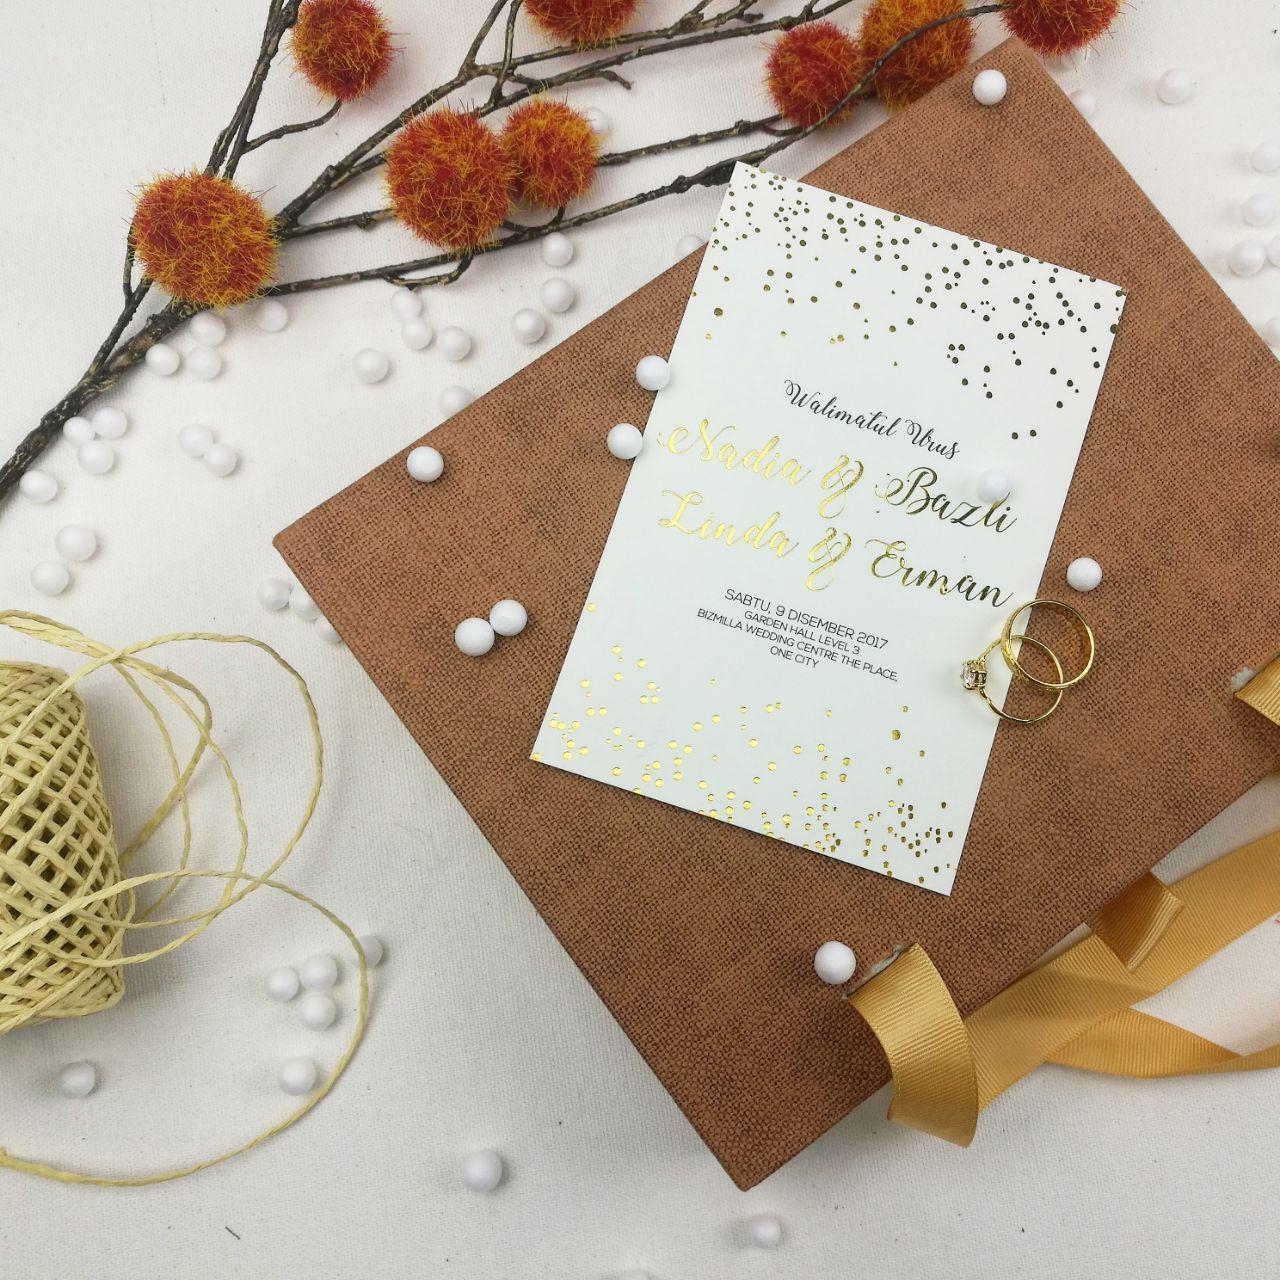 kad kahwin klasik | kad kahwin floral | kad kahwin design | kad ...